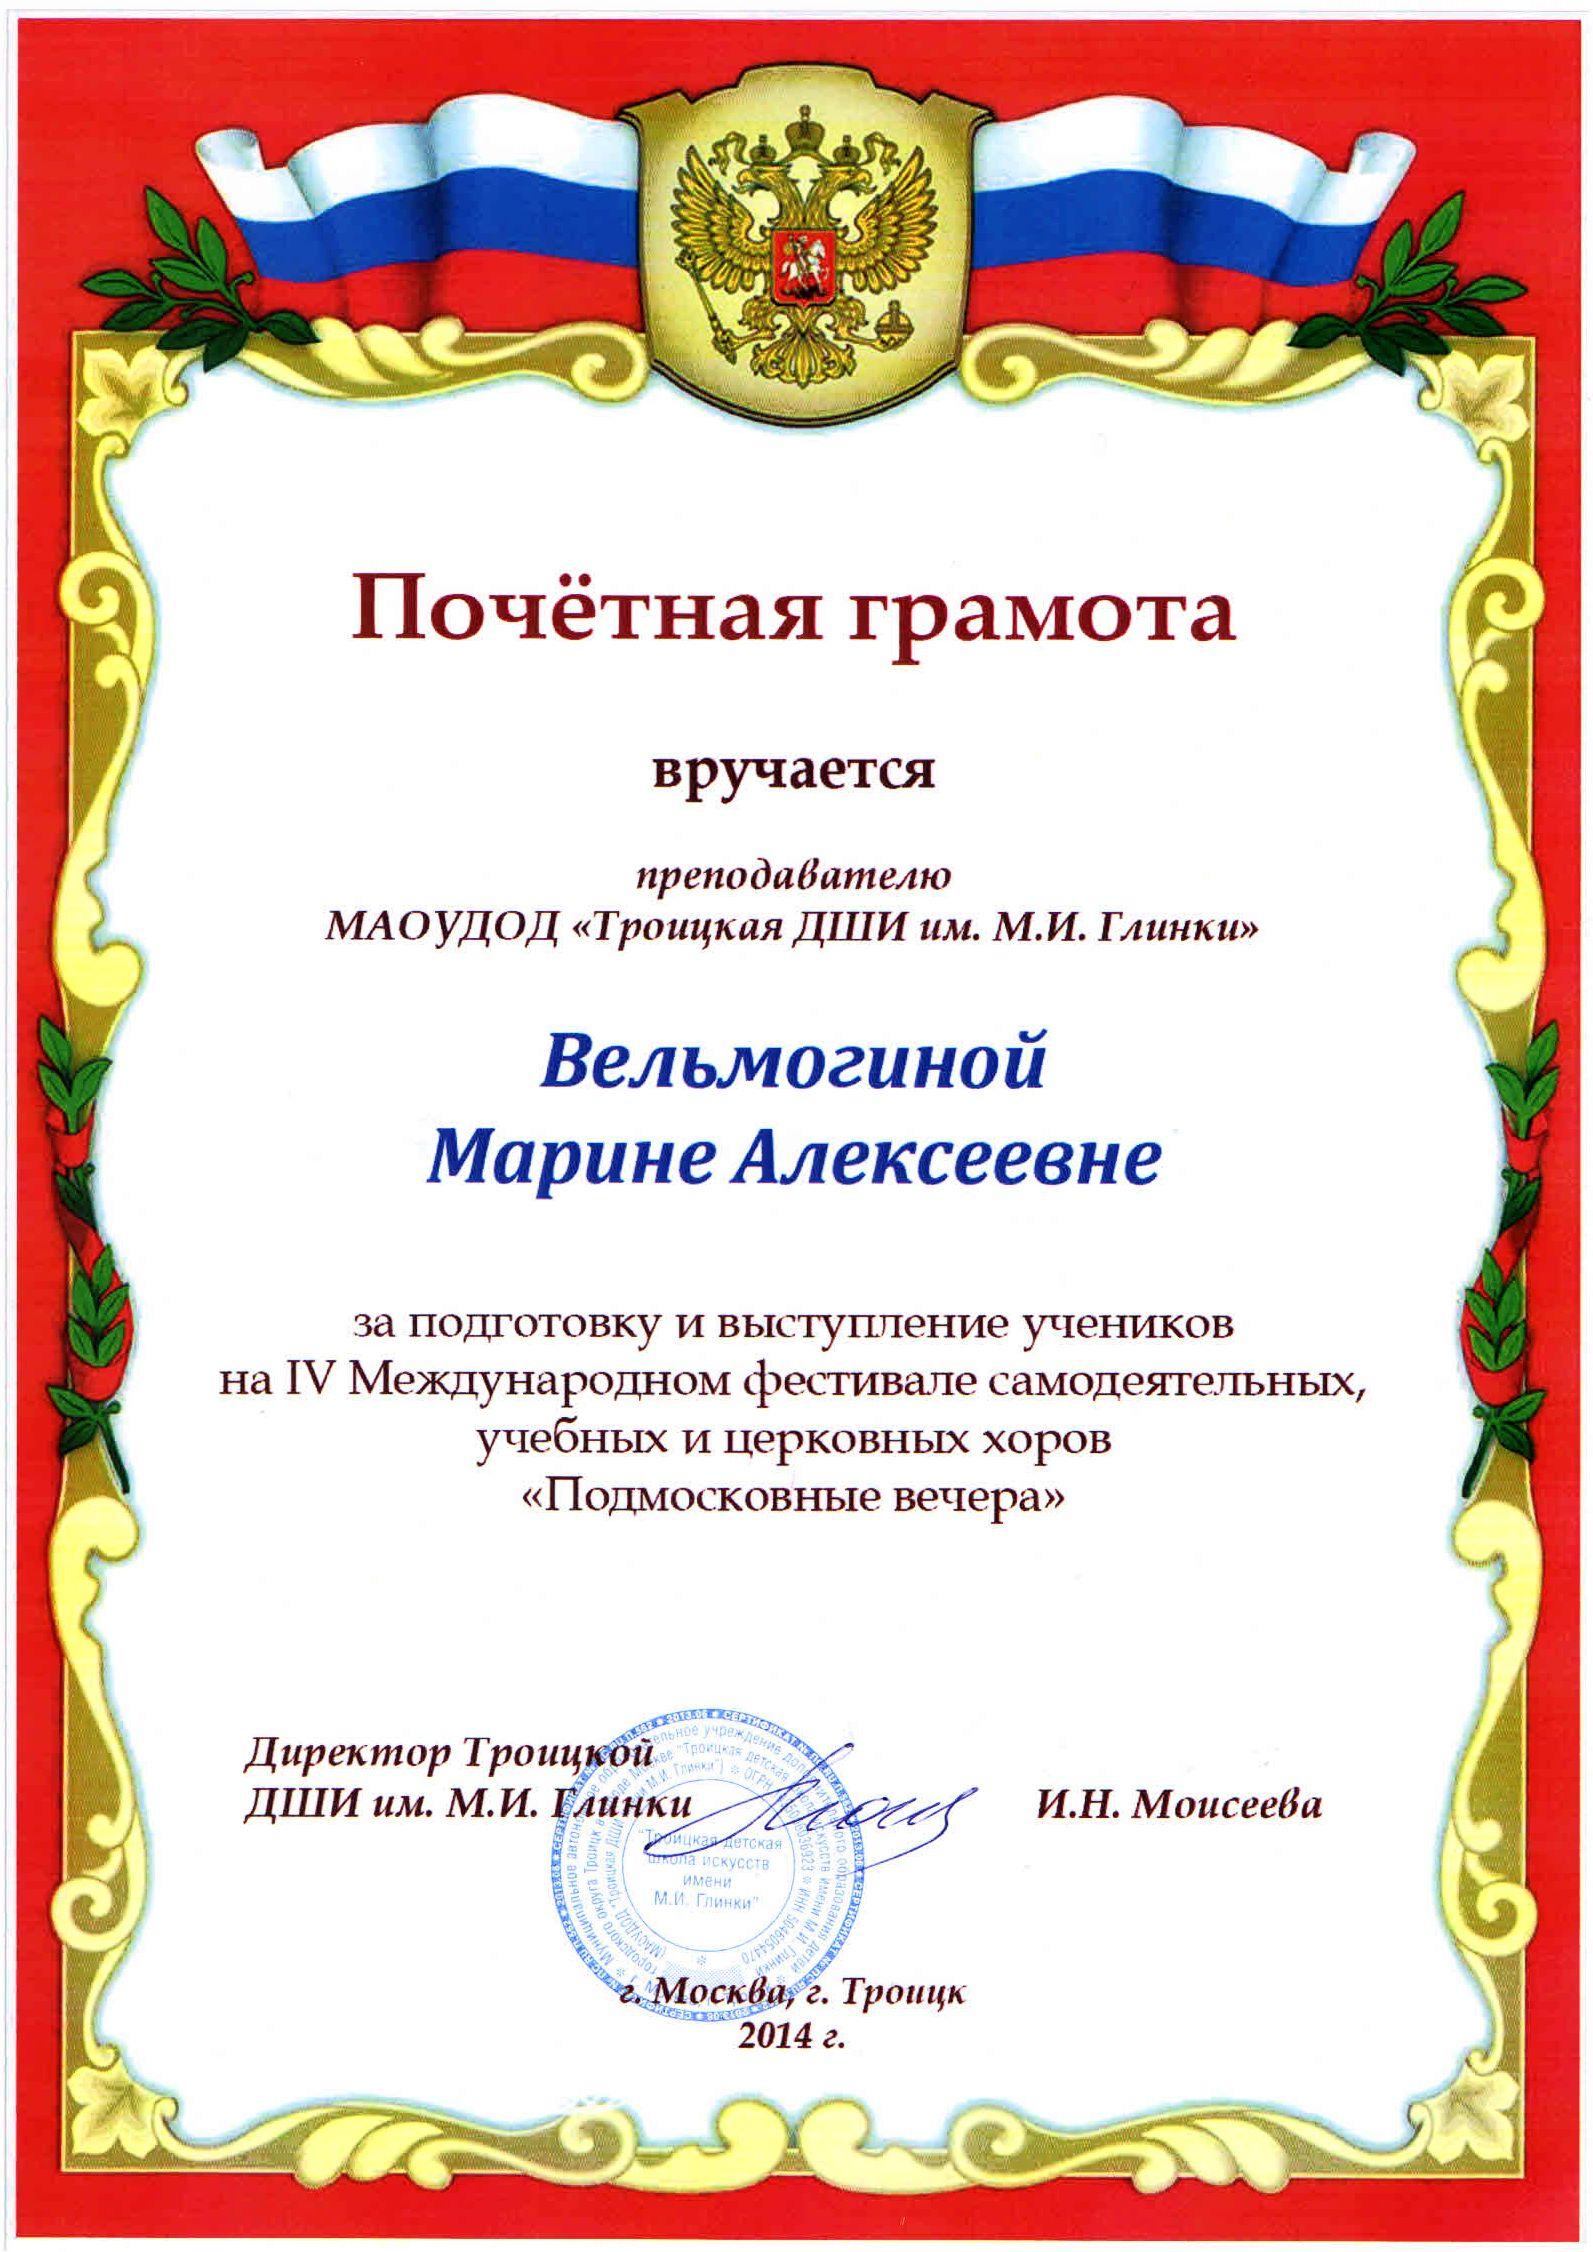 Gramota_Podmoskovnye_vechera2014